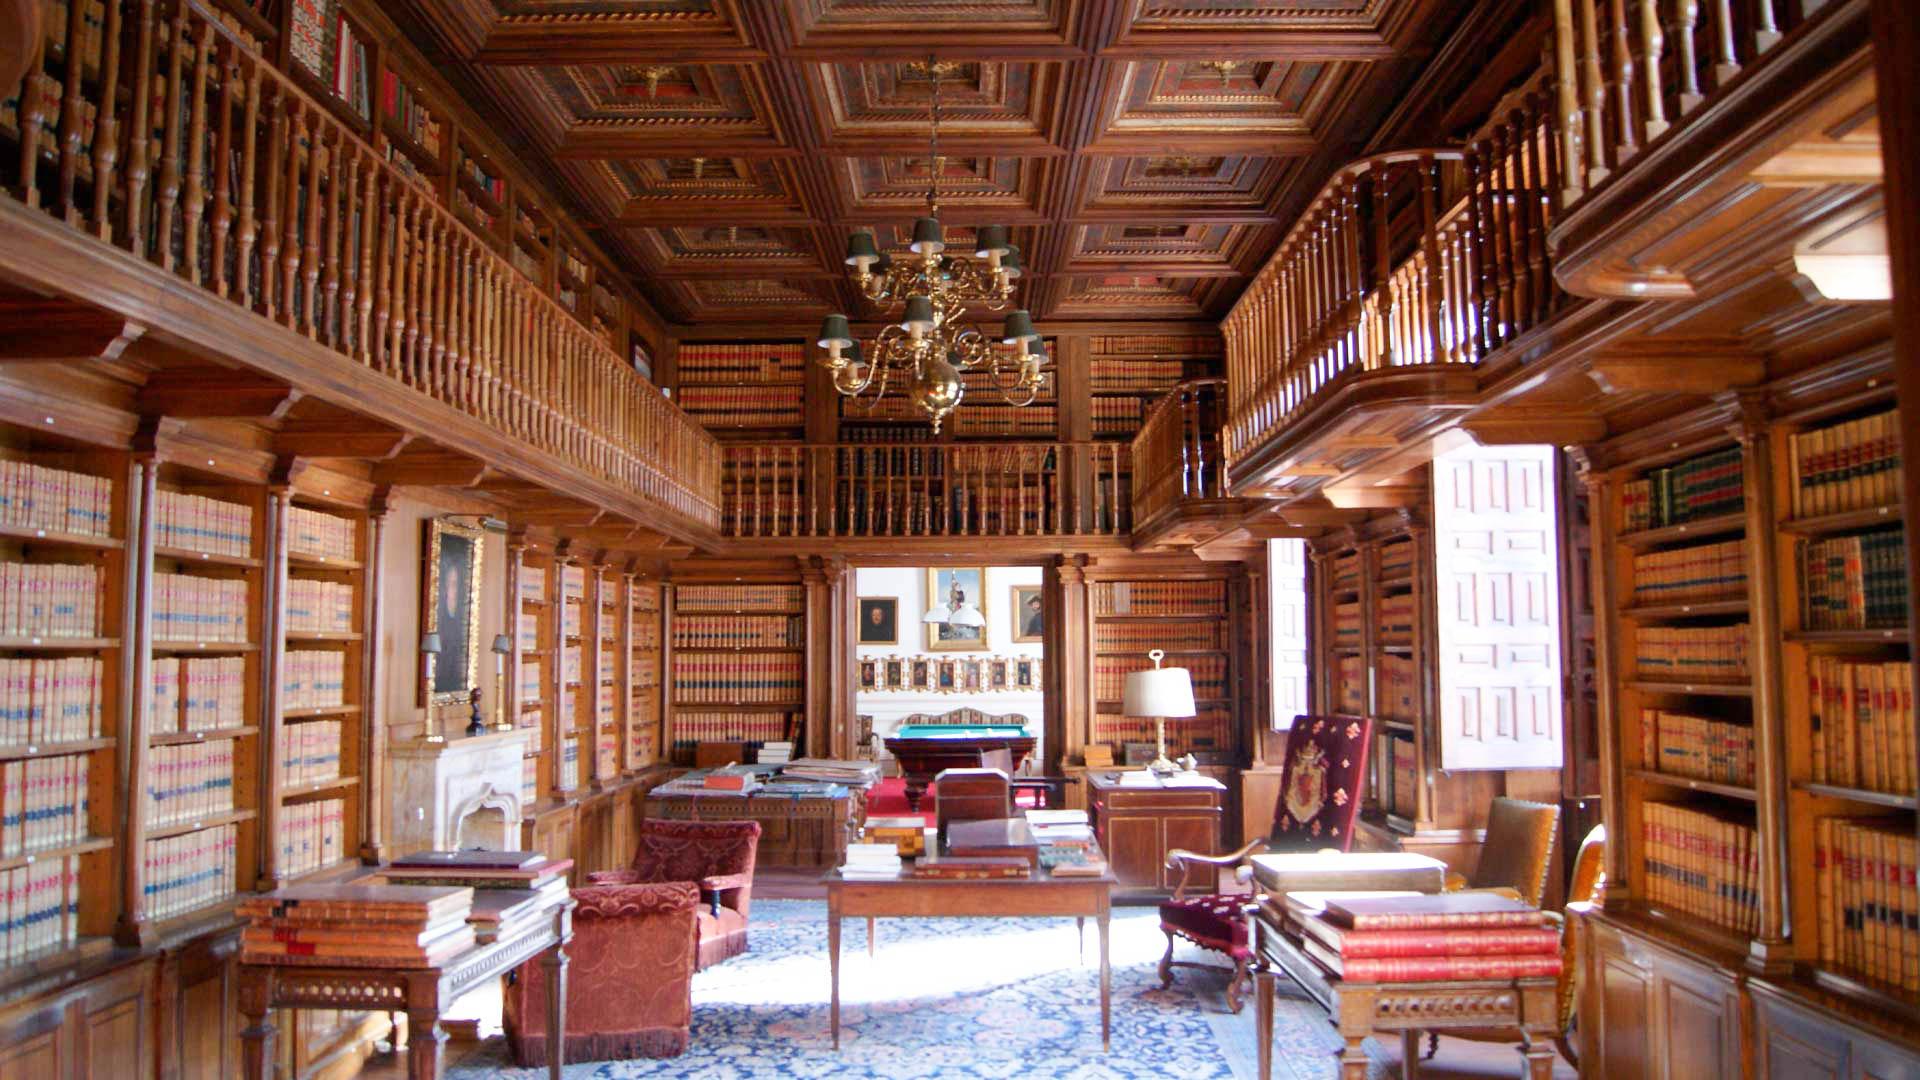 Interior de la biblioteca del palacio de los duques de Villahermosa de Pedrola.